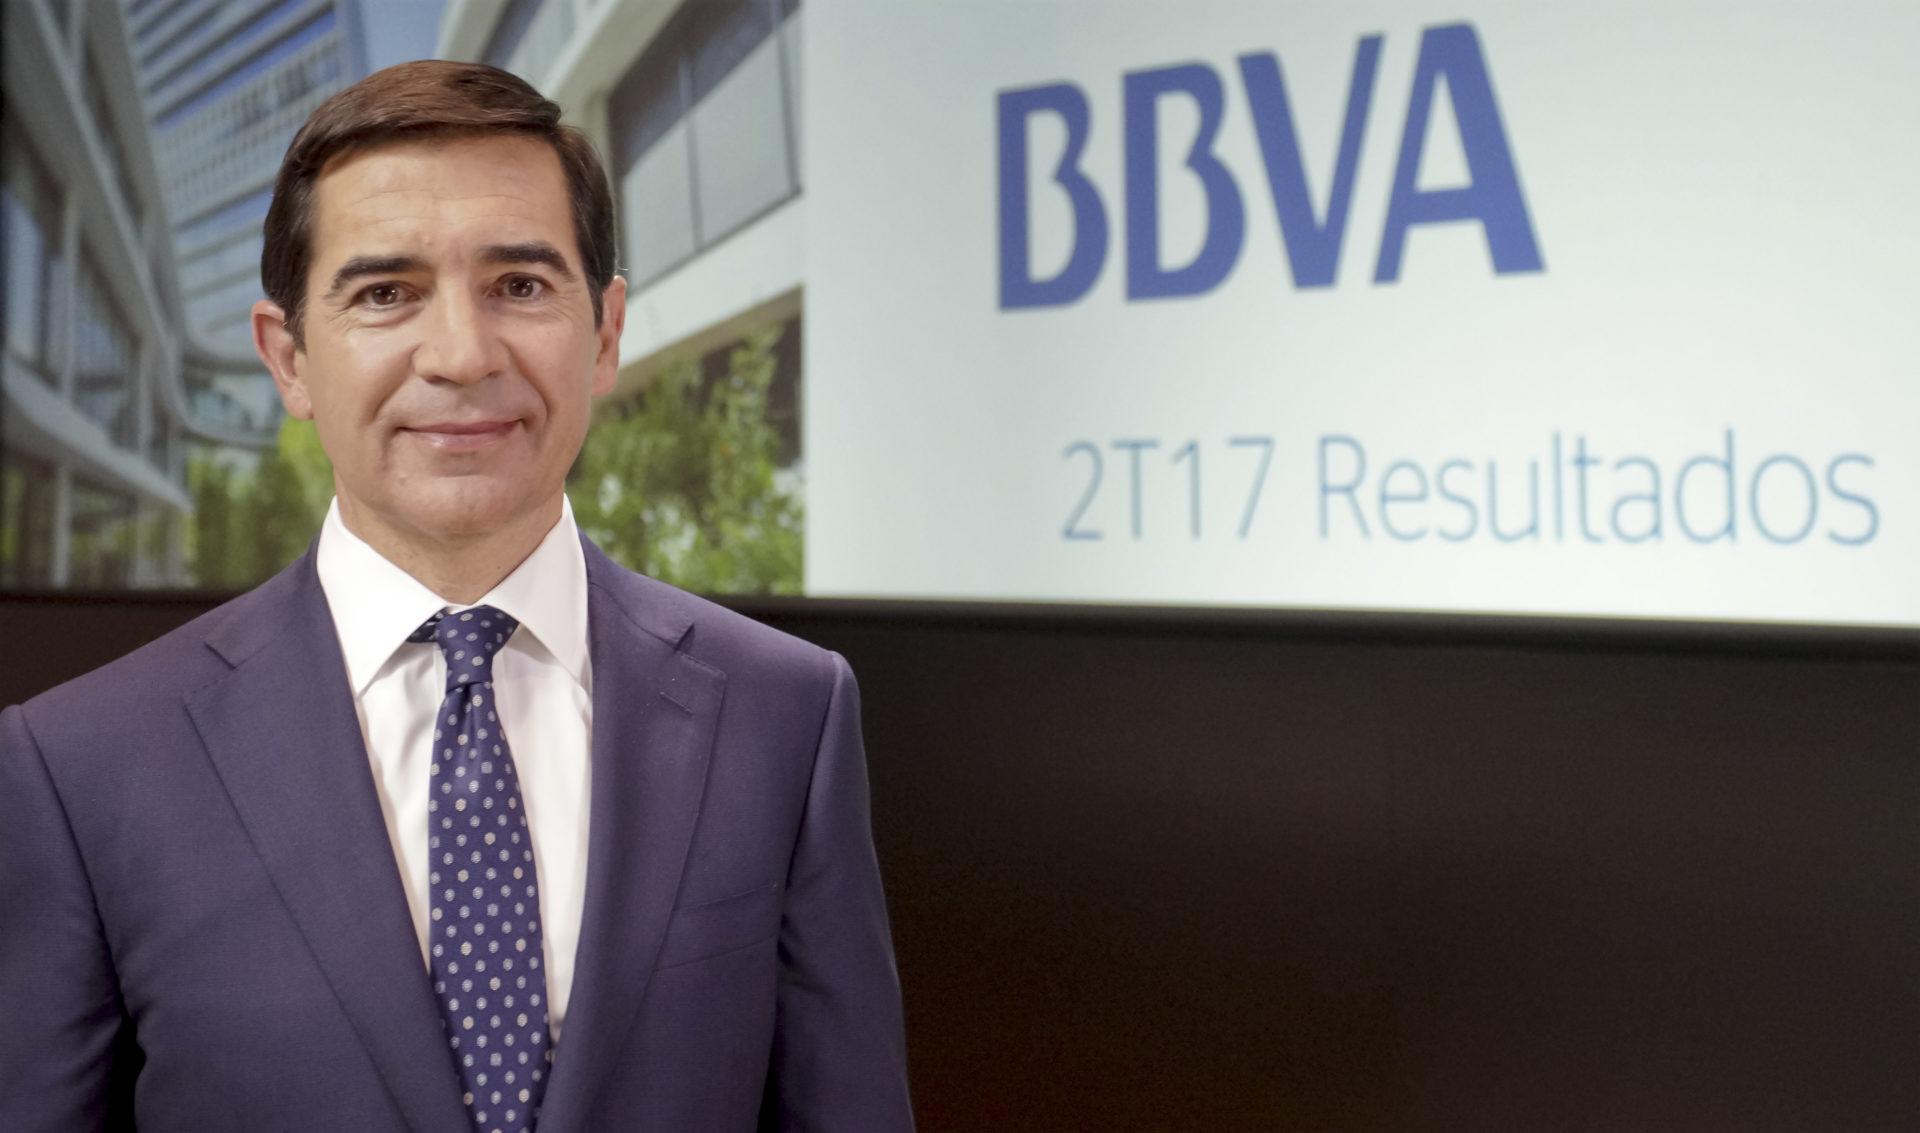 El consejero delegado de BBVA, Carlos Torres Vila, durante la presentación de los resultados 2T17